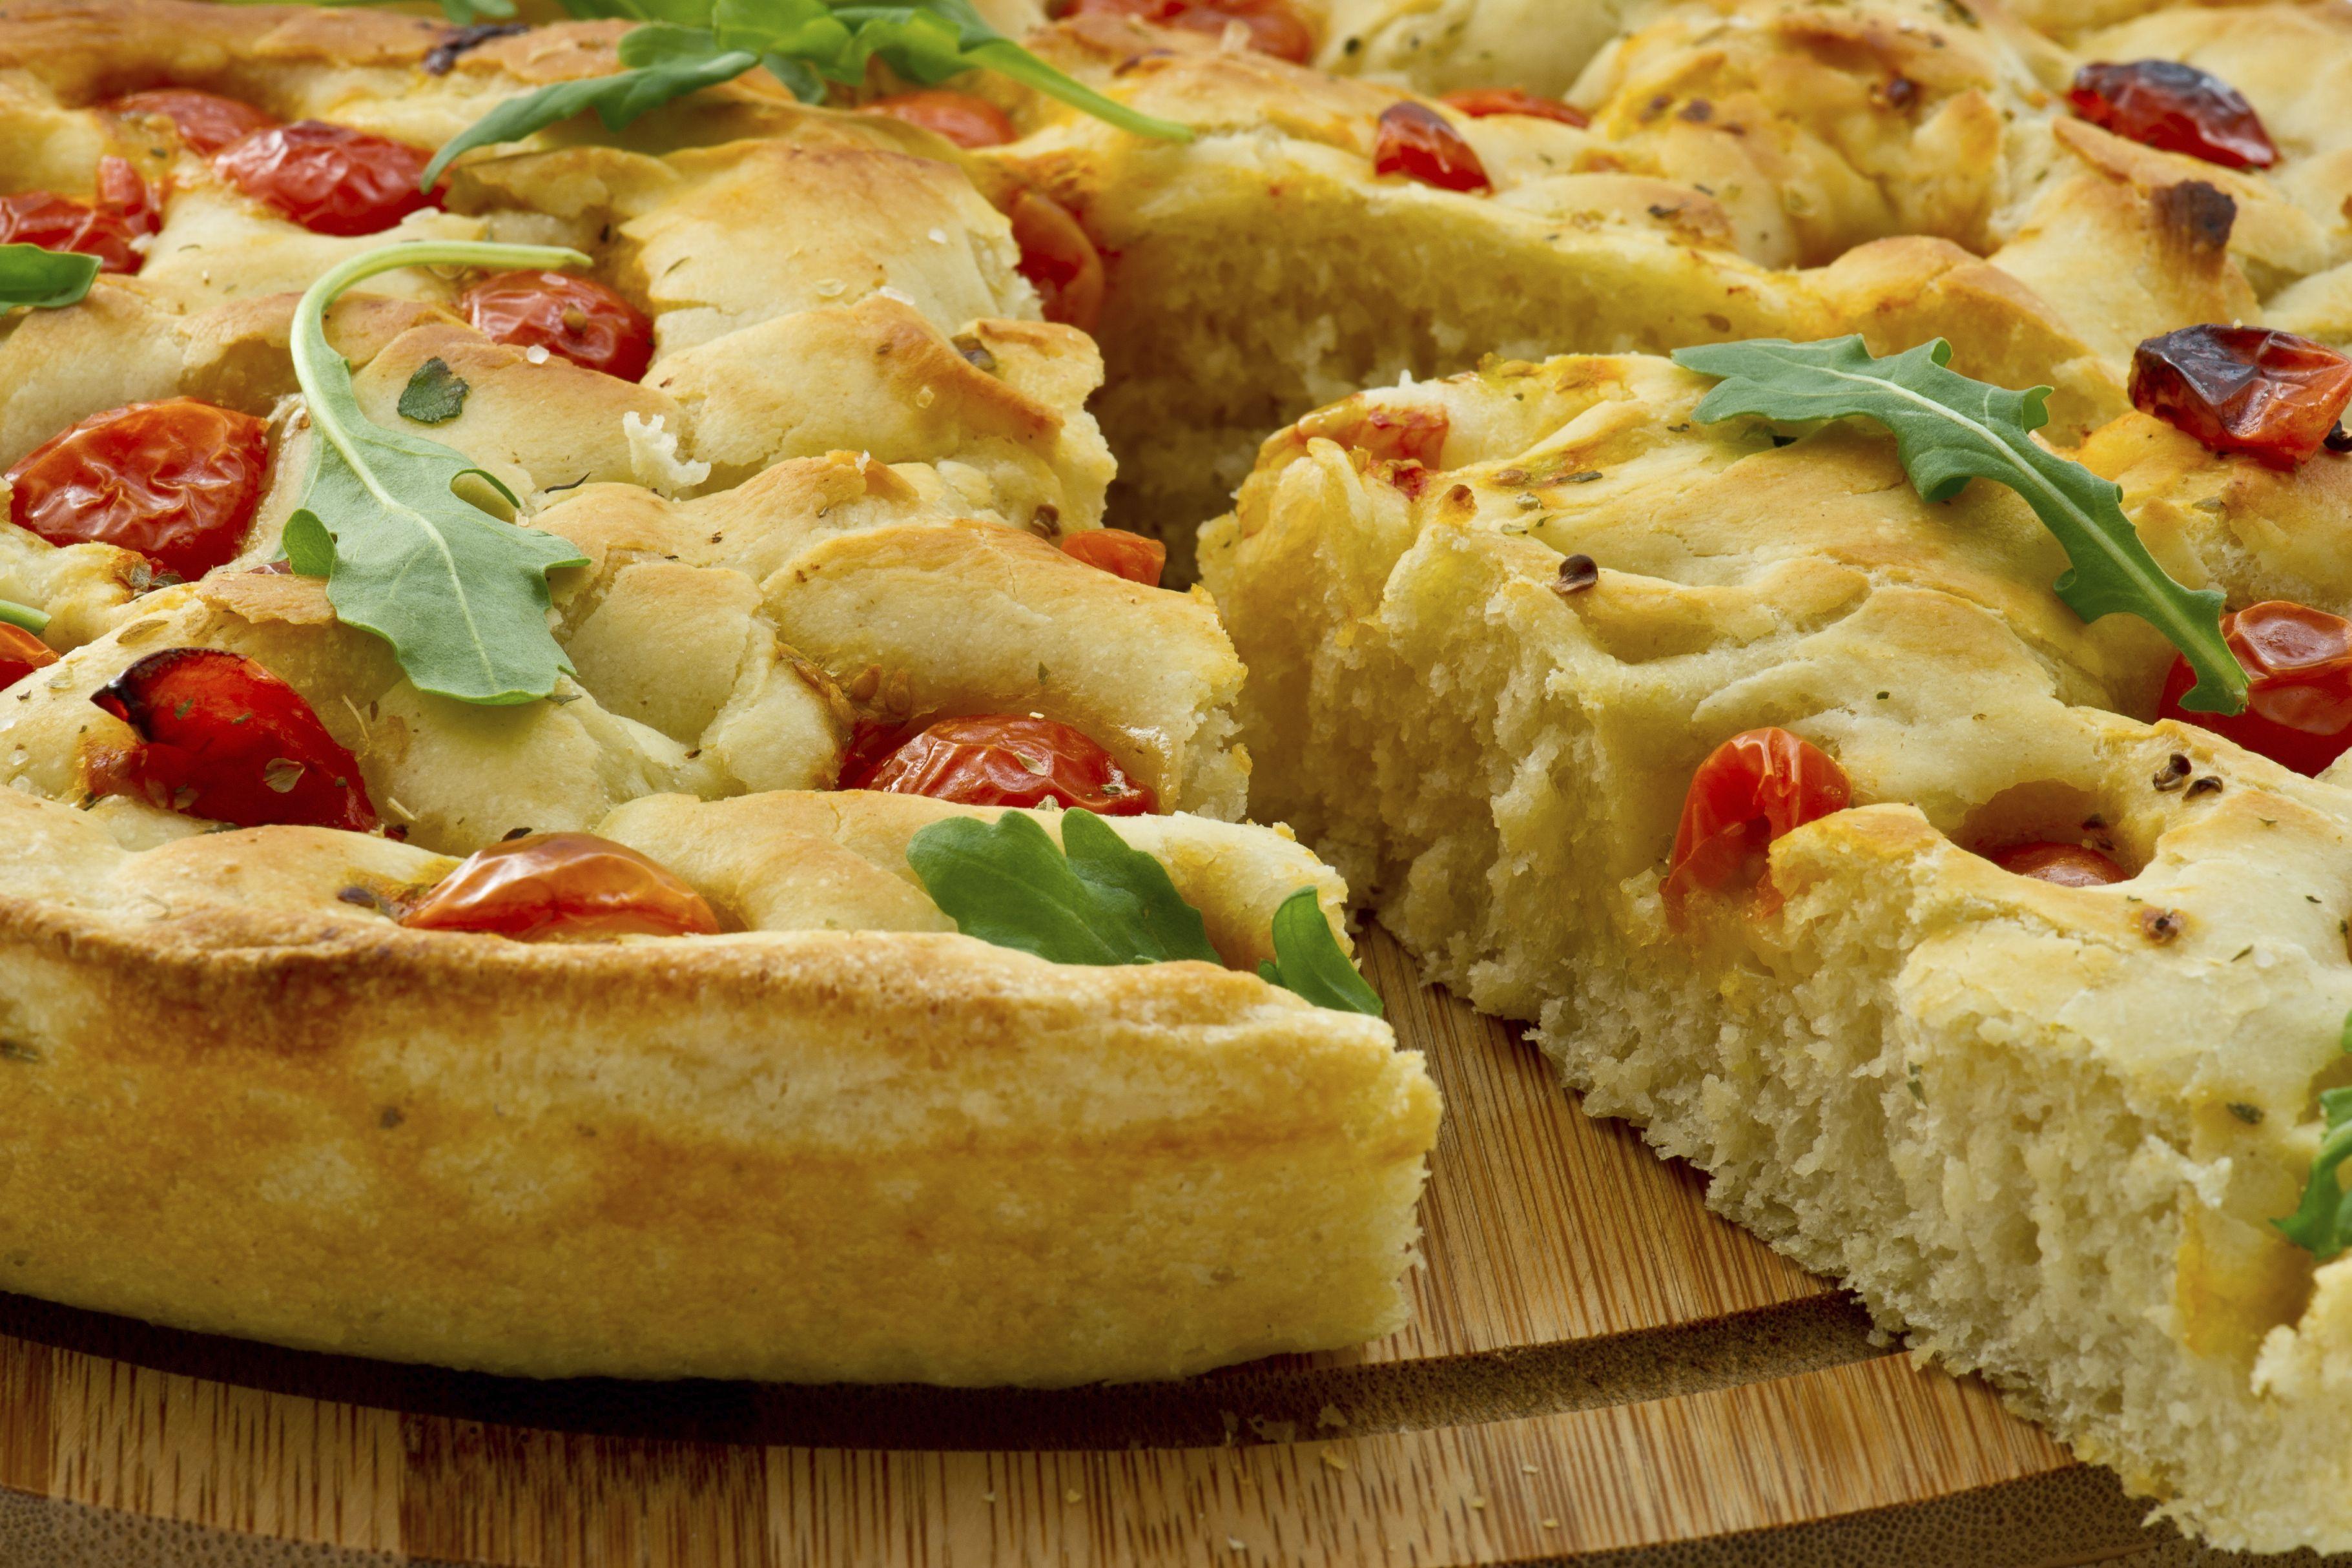 Una focaccia es un rico pan para acompañar un tapeo o picada.  Aprende a hacerla fácilmente siguiendo esta receta: http://elgour.me/1F6q0vB  #elgourmet #Recetas